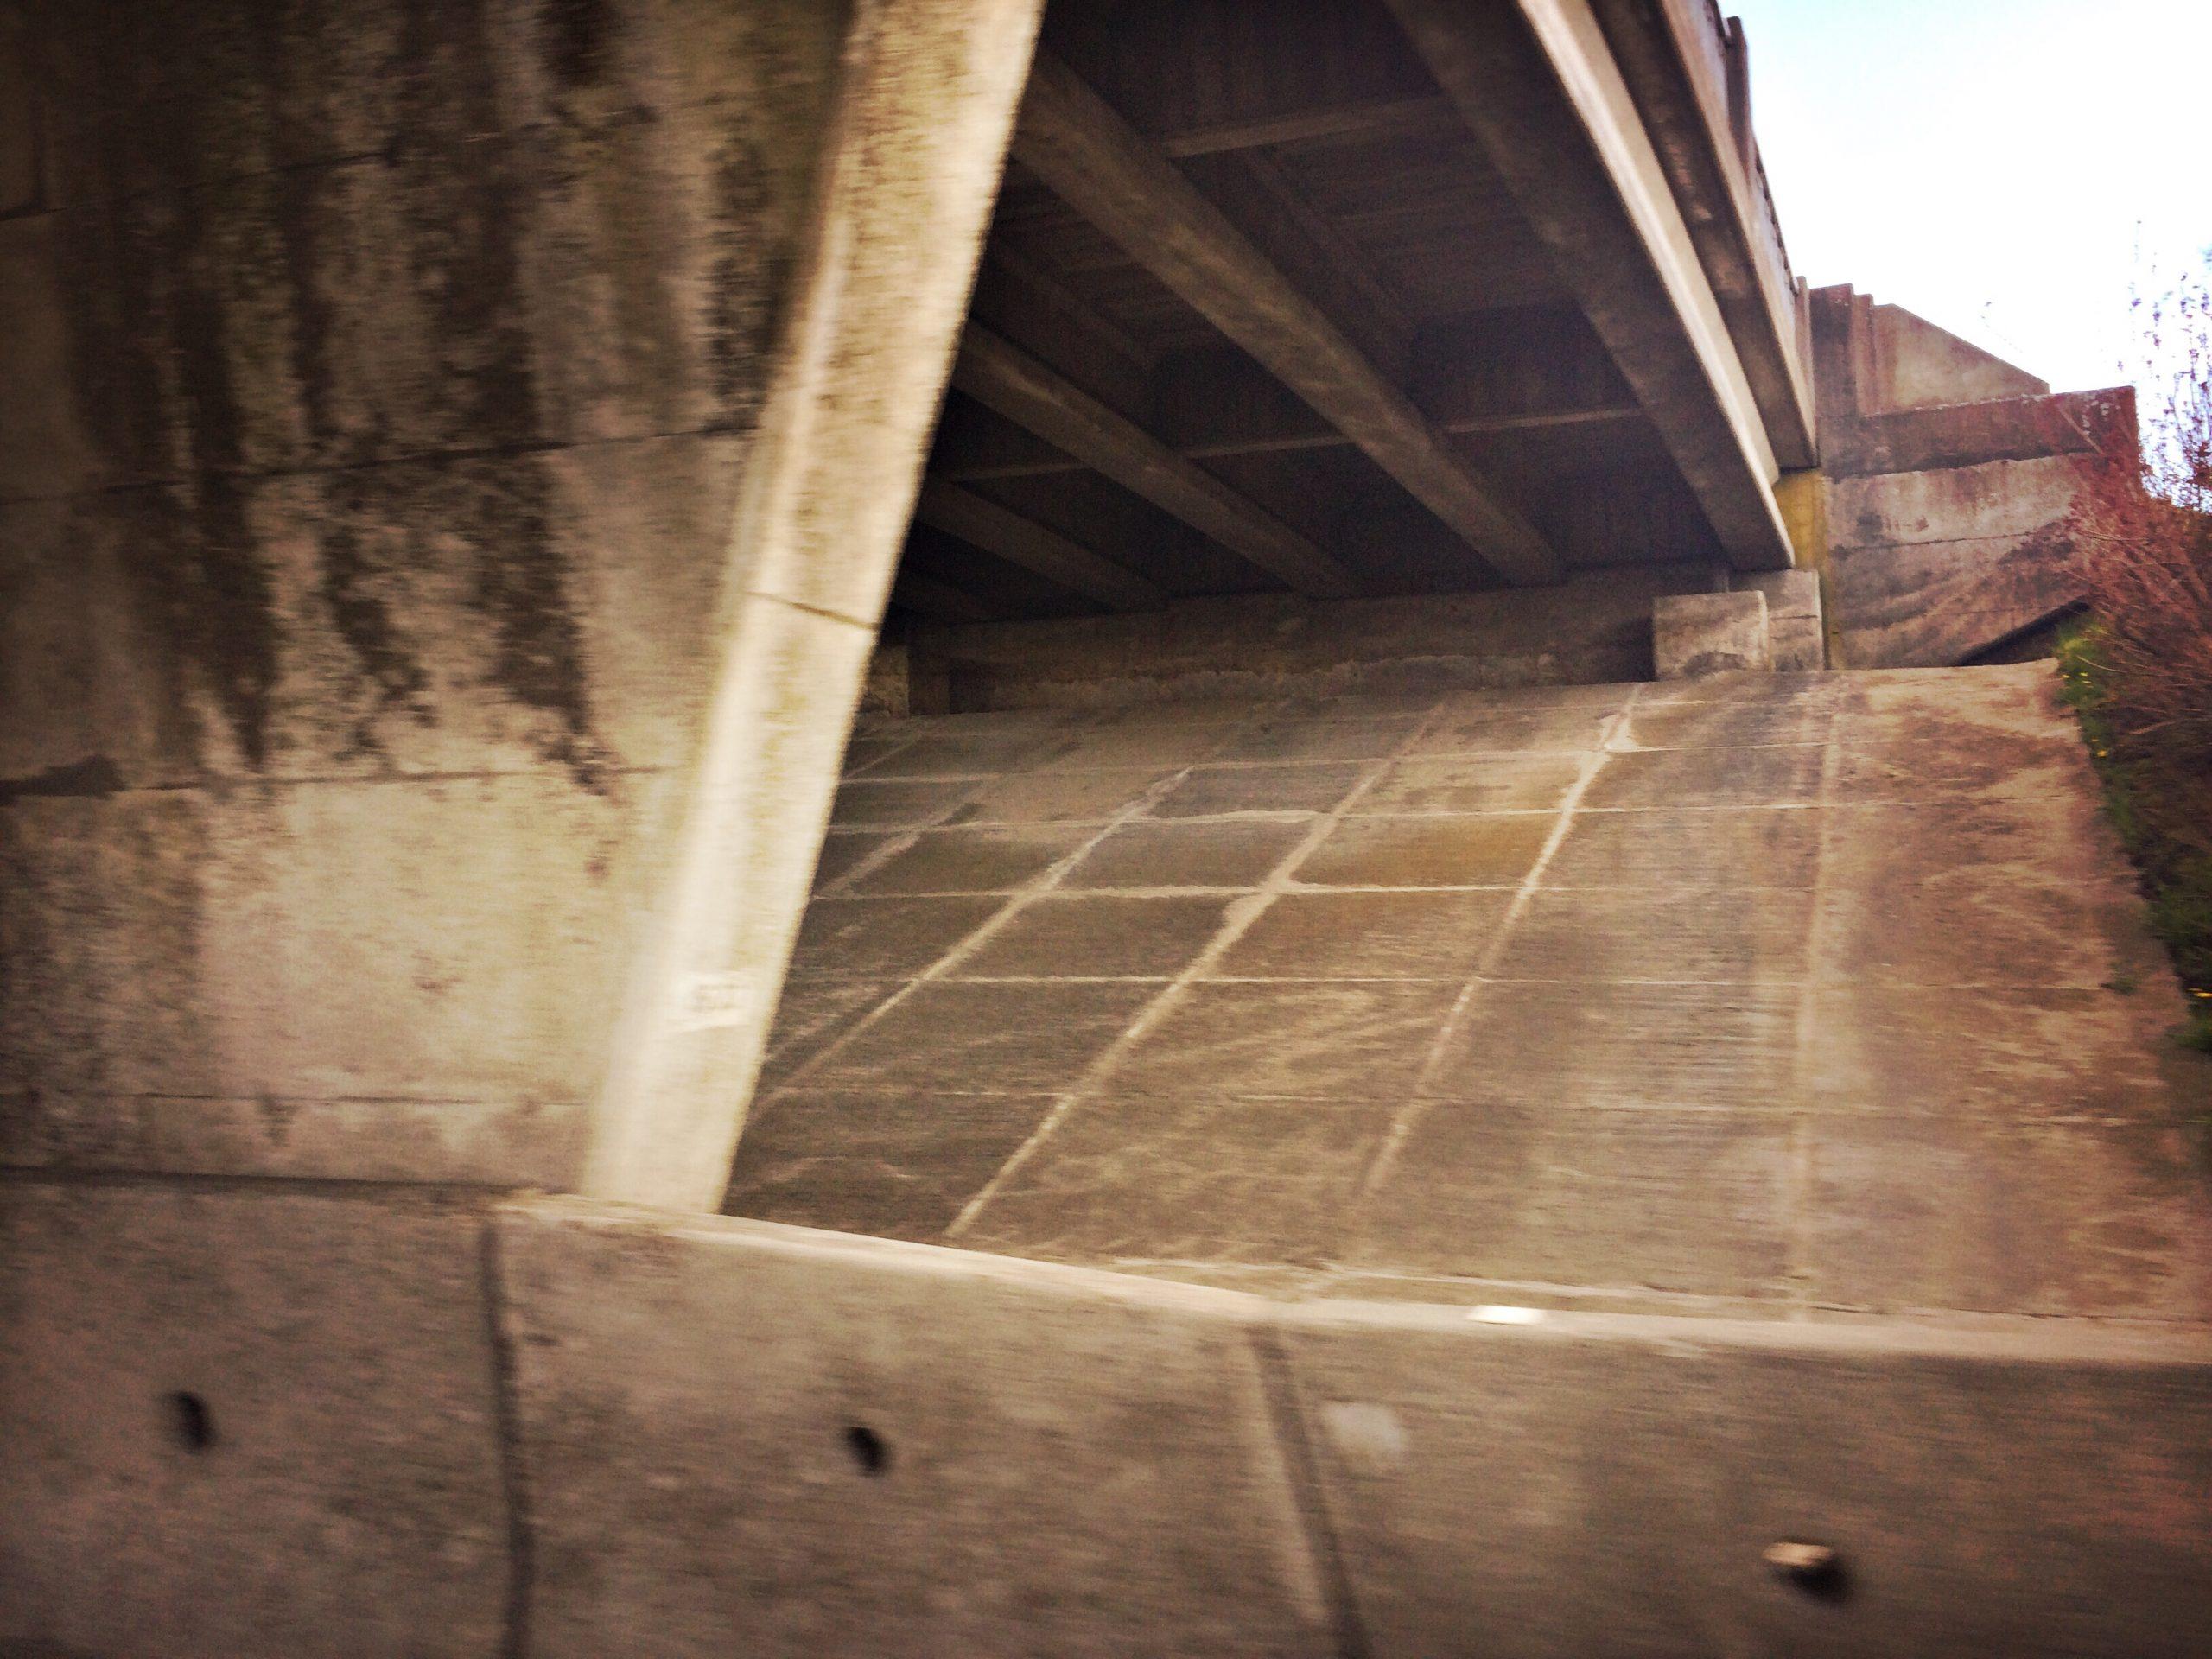 Bridge Over Trouble